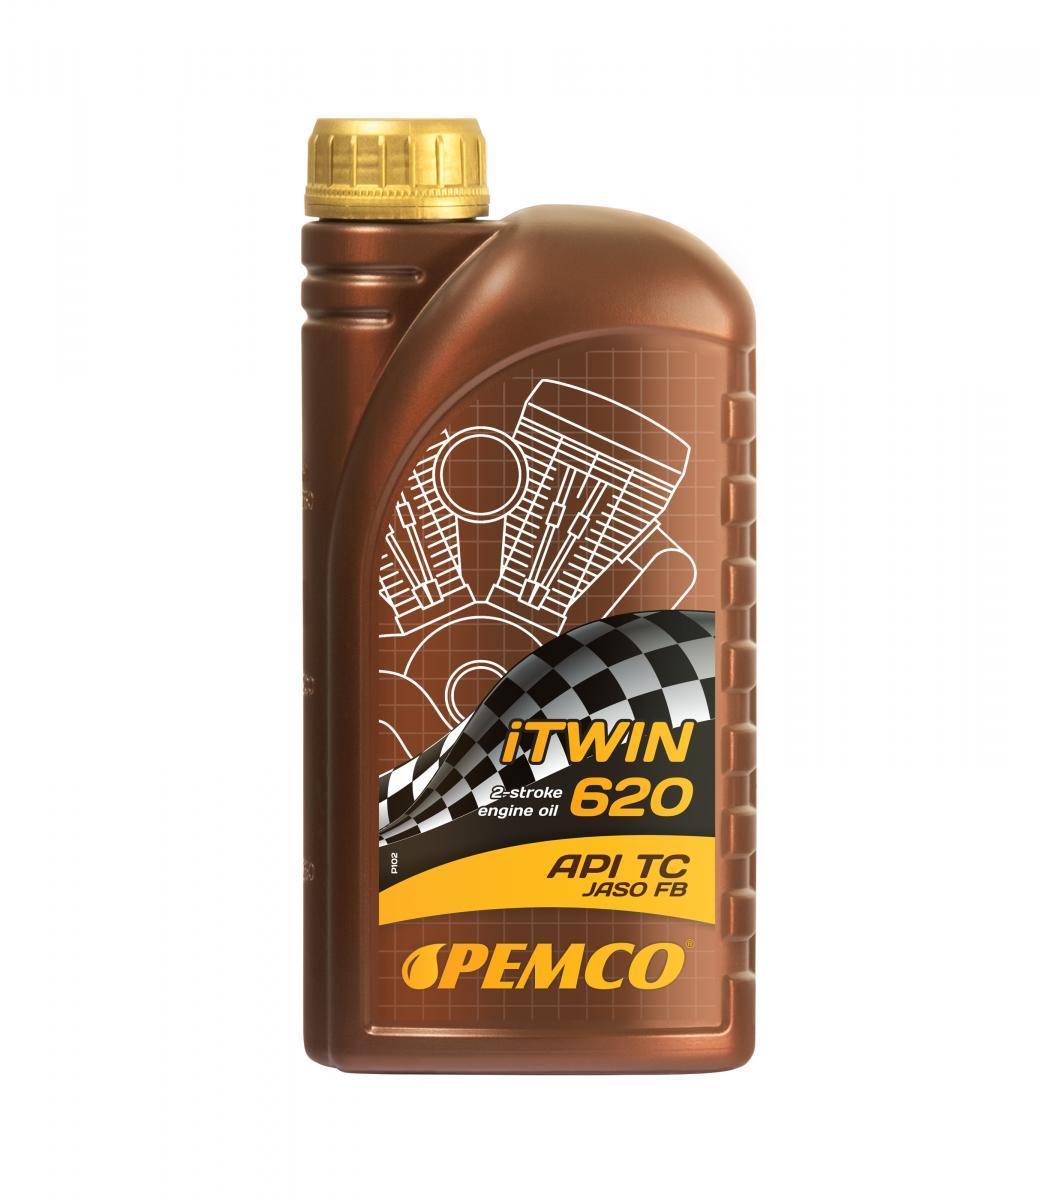 Moto PEMCO iTWIN 620 1L, Mineraal olie Motorolie PM0620-1 koop goedkoop